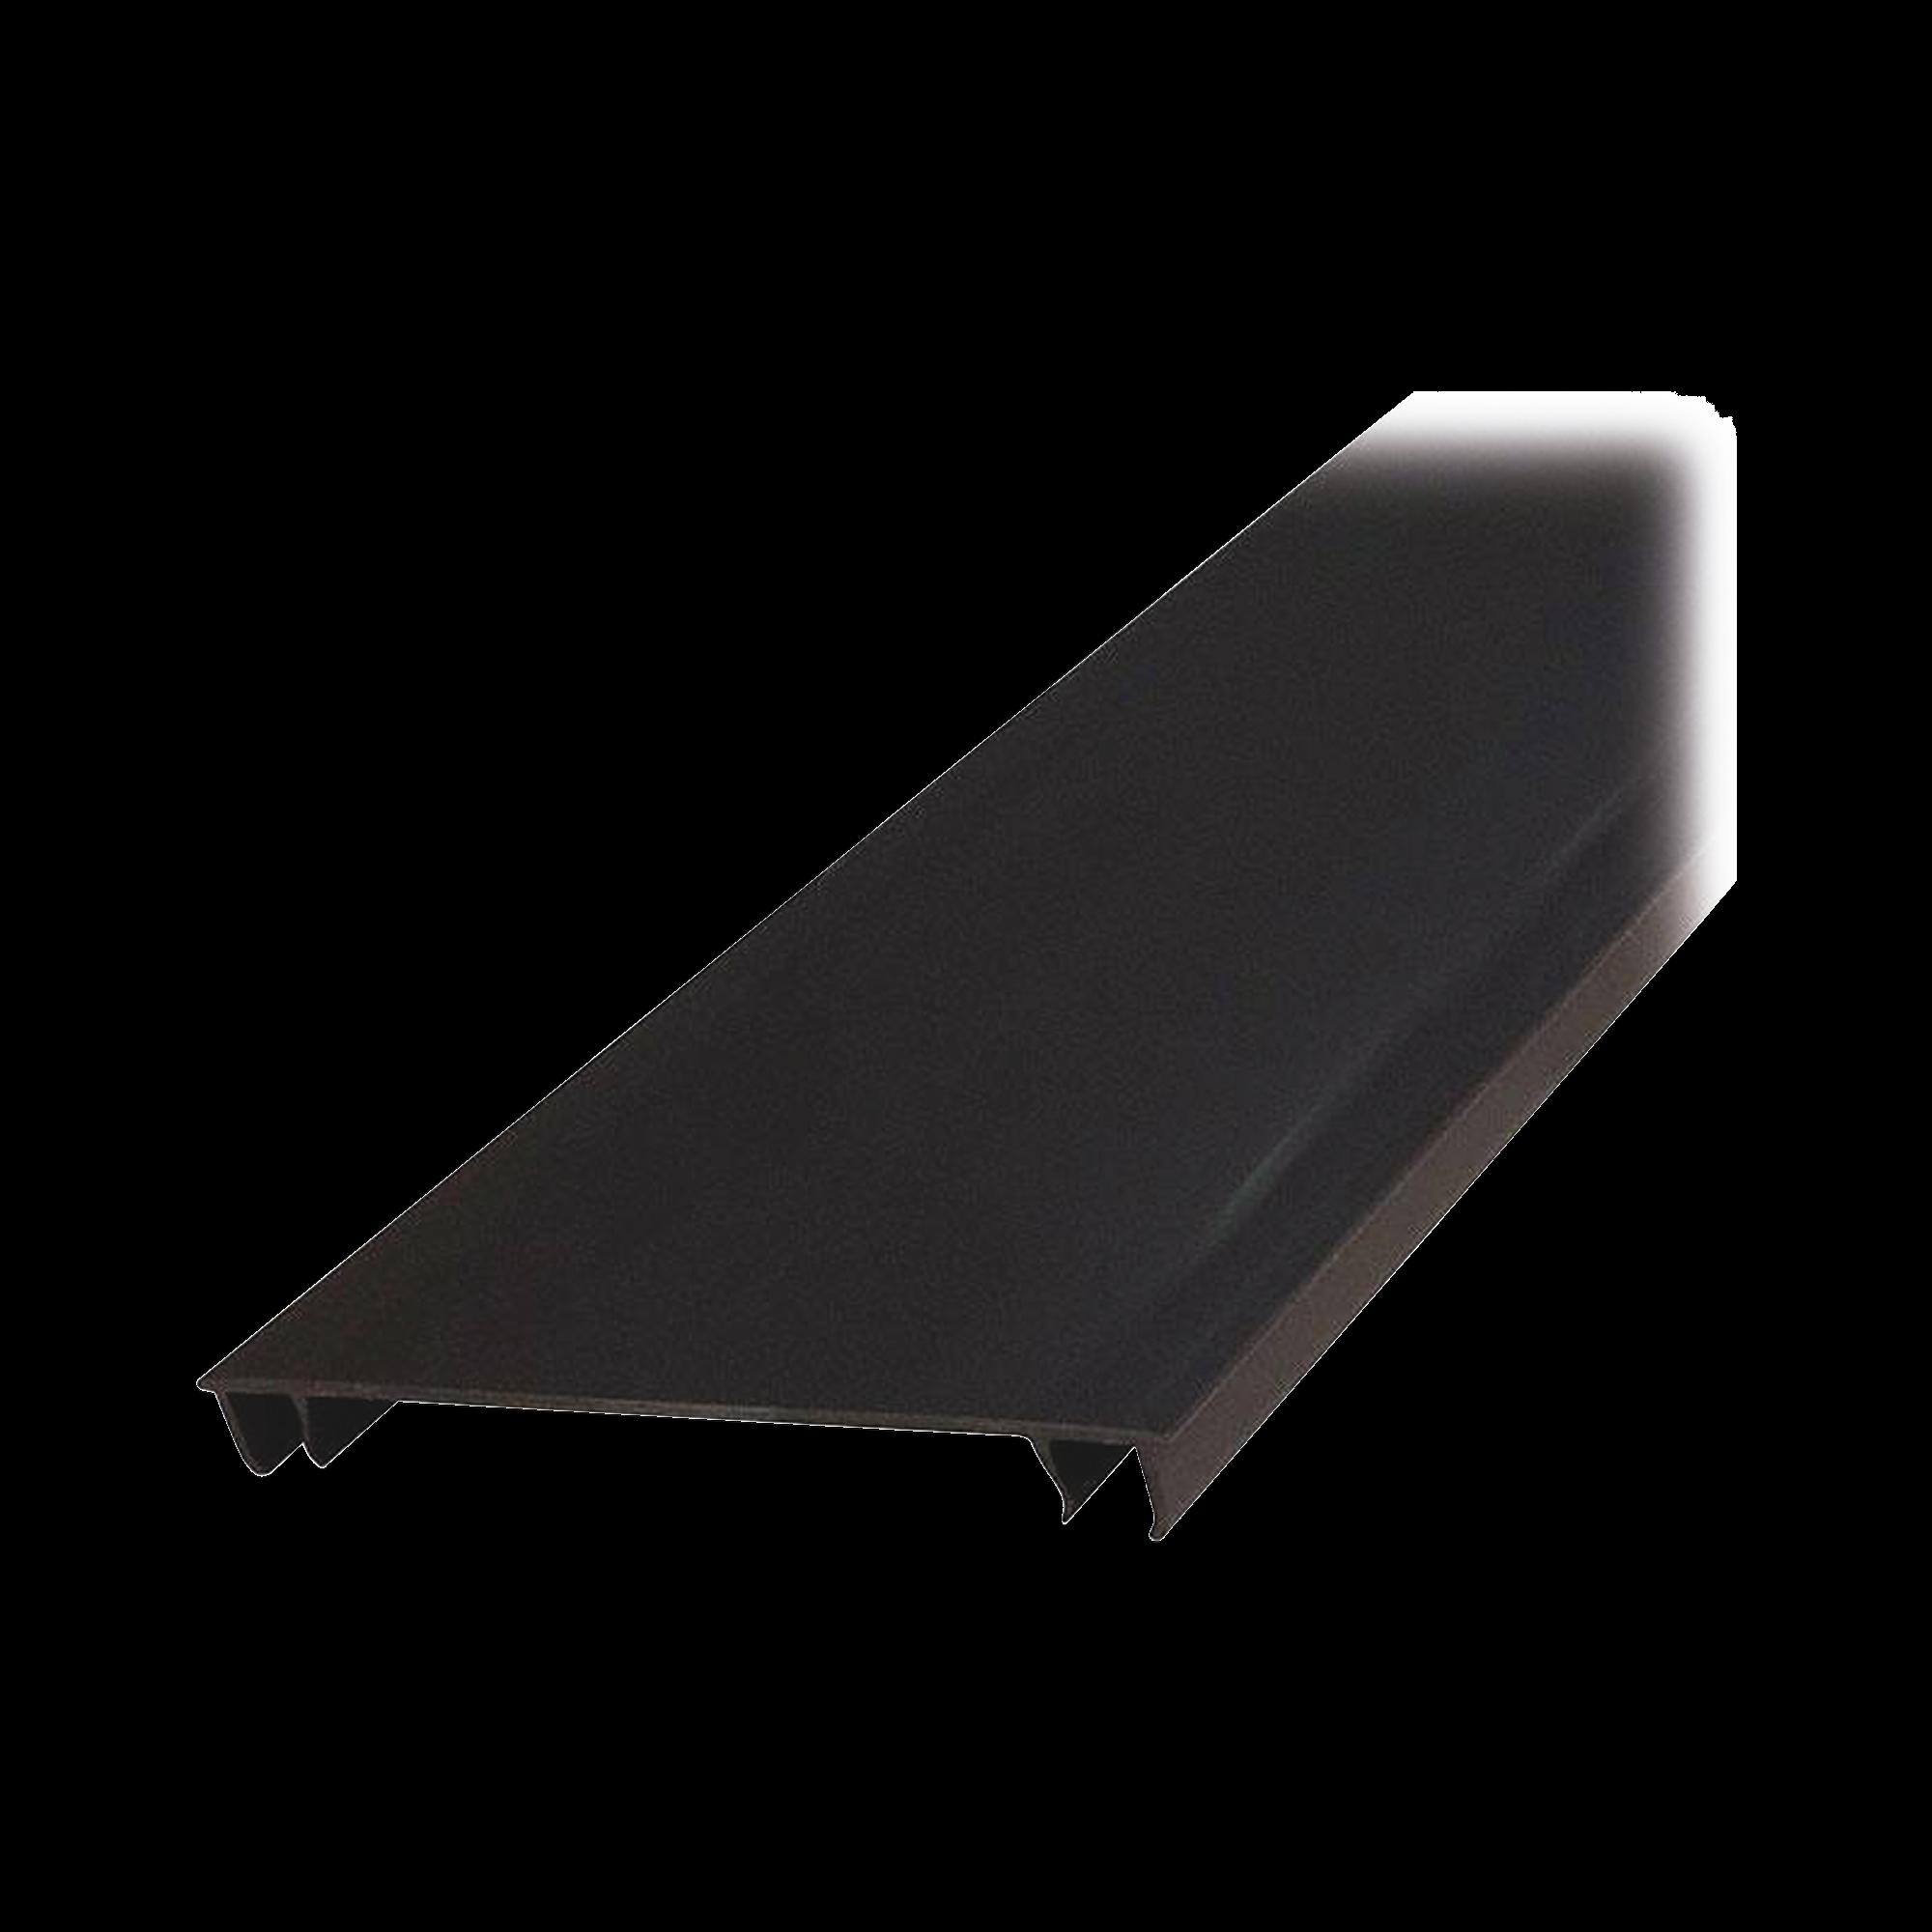 Tapa para Canaleta Ranurada Tipo H, de 2 in de Ancho, 1828.8 mm de Largo, Color Negro